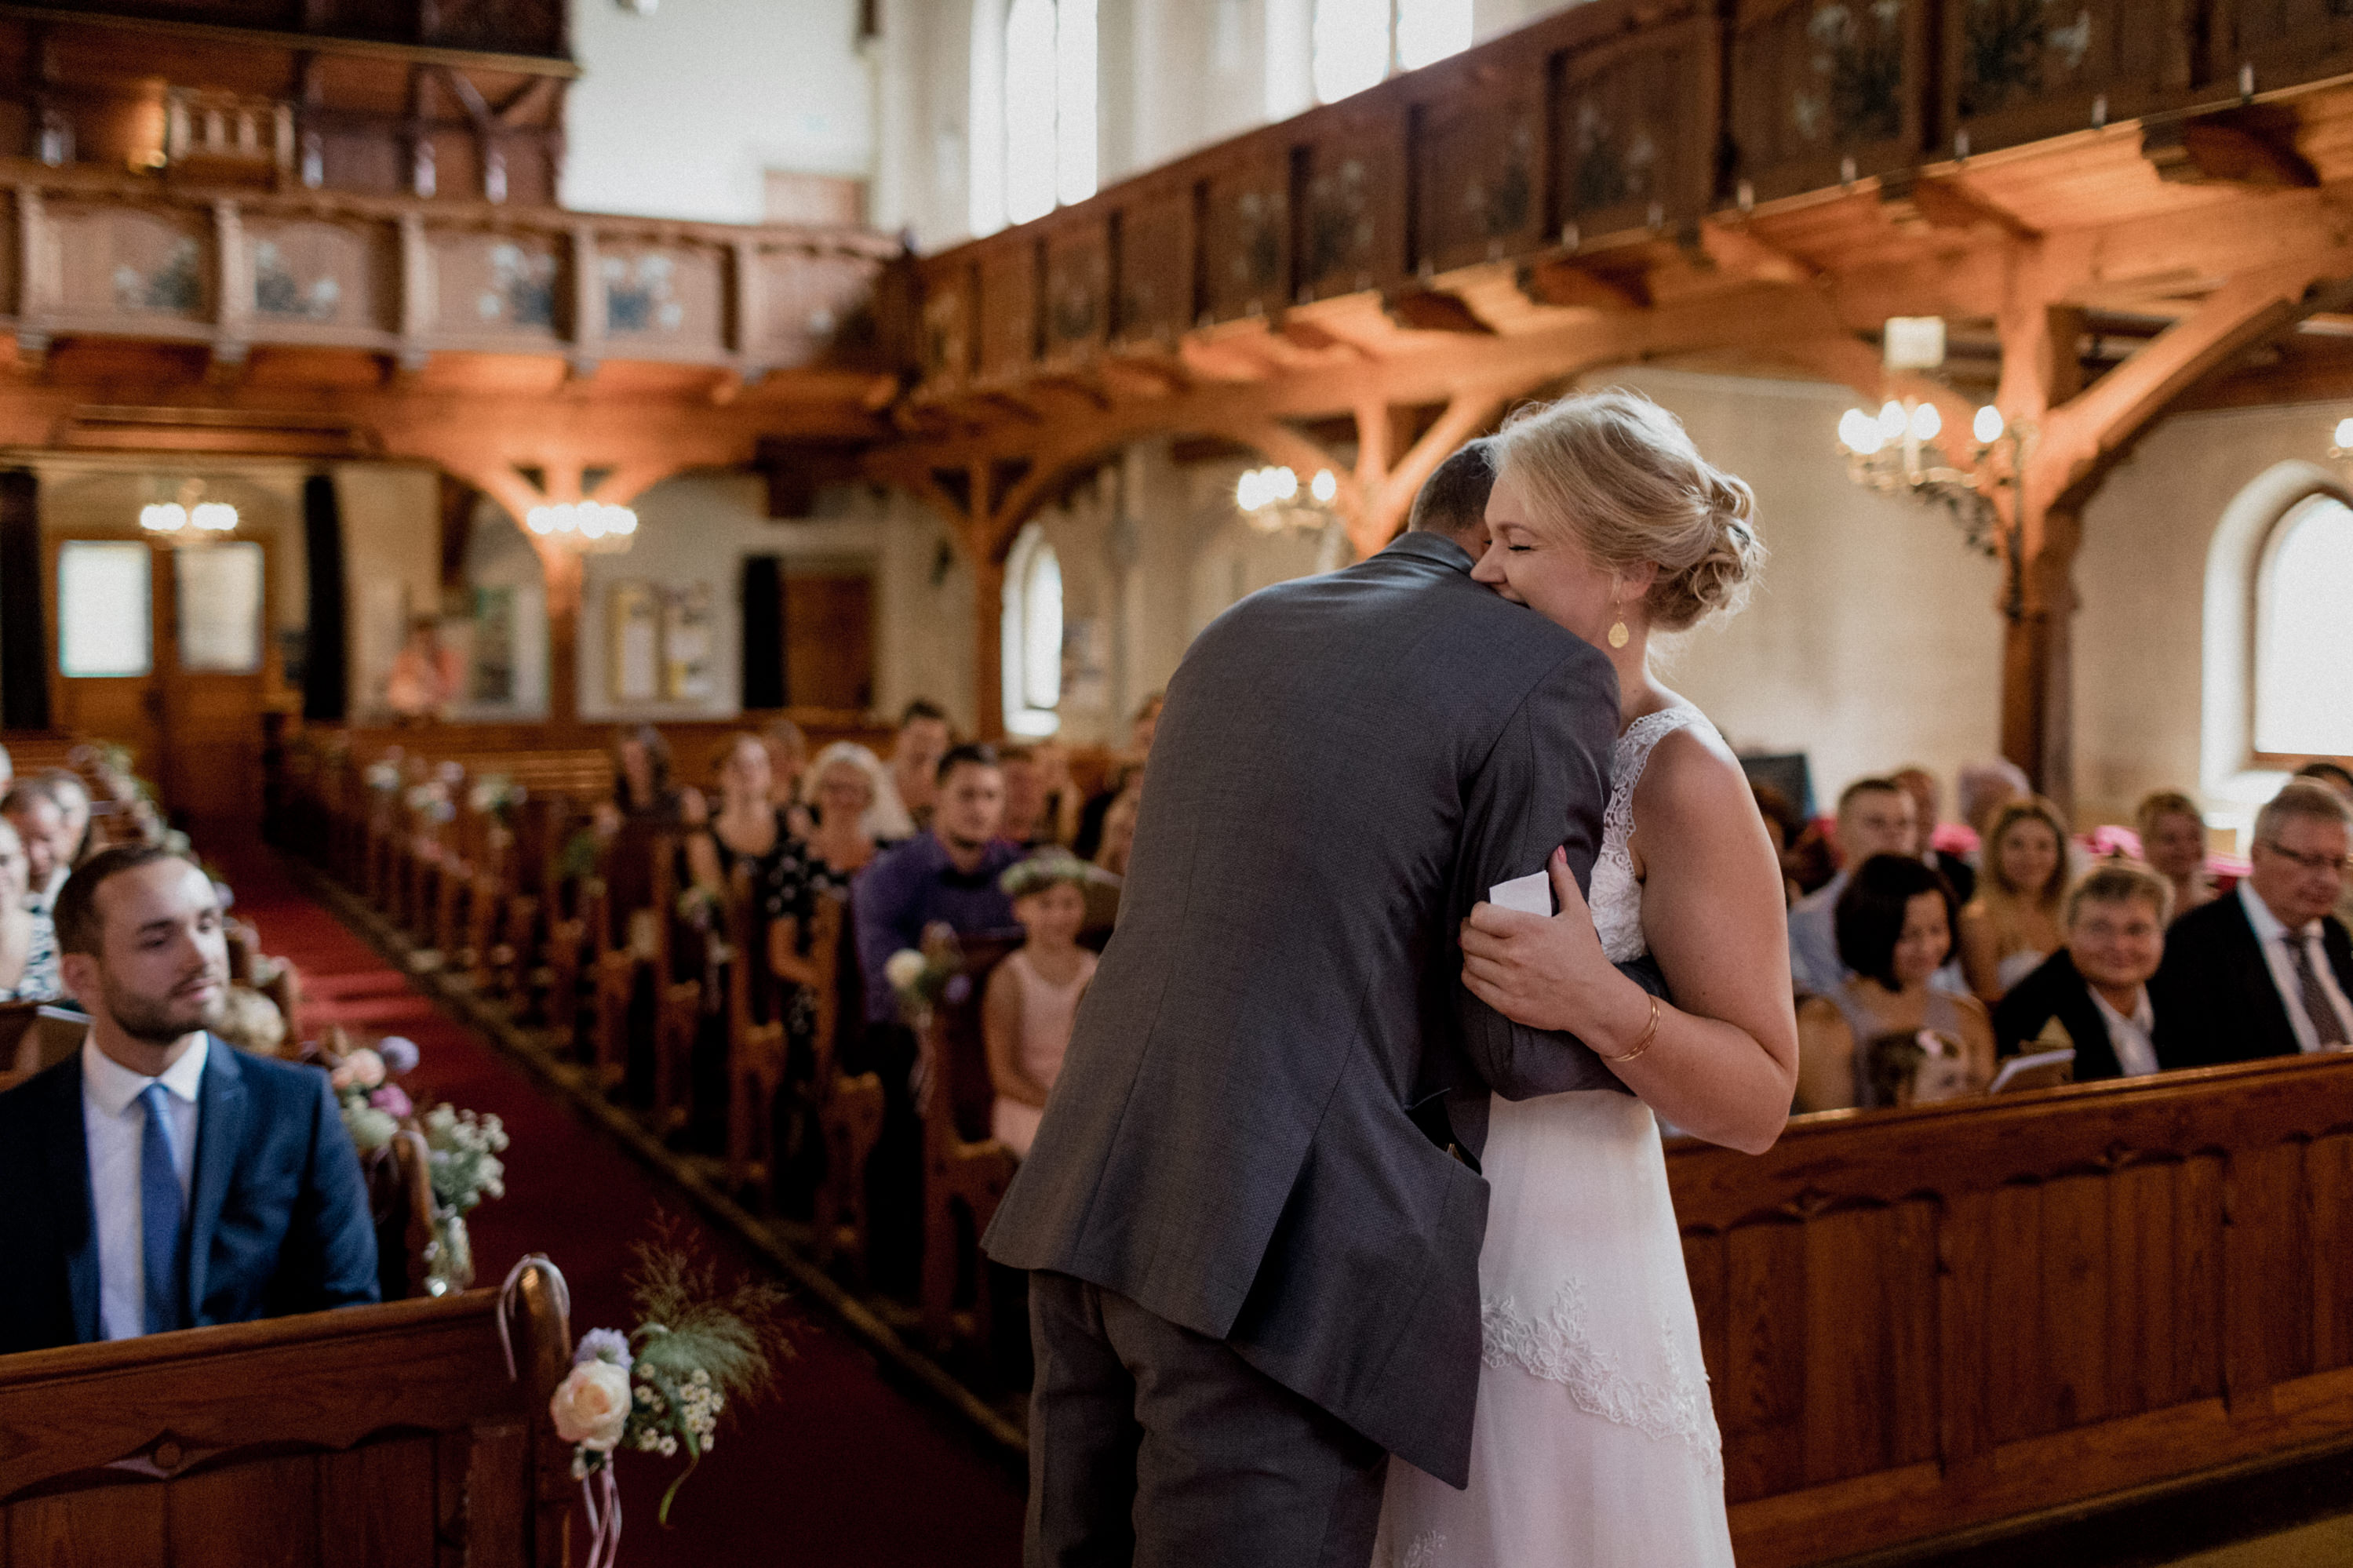 Hochzeitsfoto aus Dresden, aufgenommen von Tom und Lia Fotografie, Hochzeitsfotografen aus Rostock und Mecklenburg-Vorpommern.